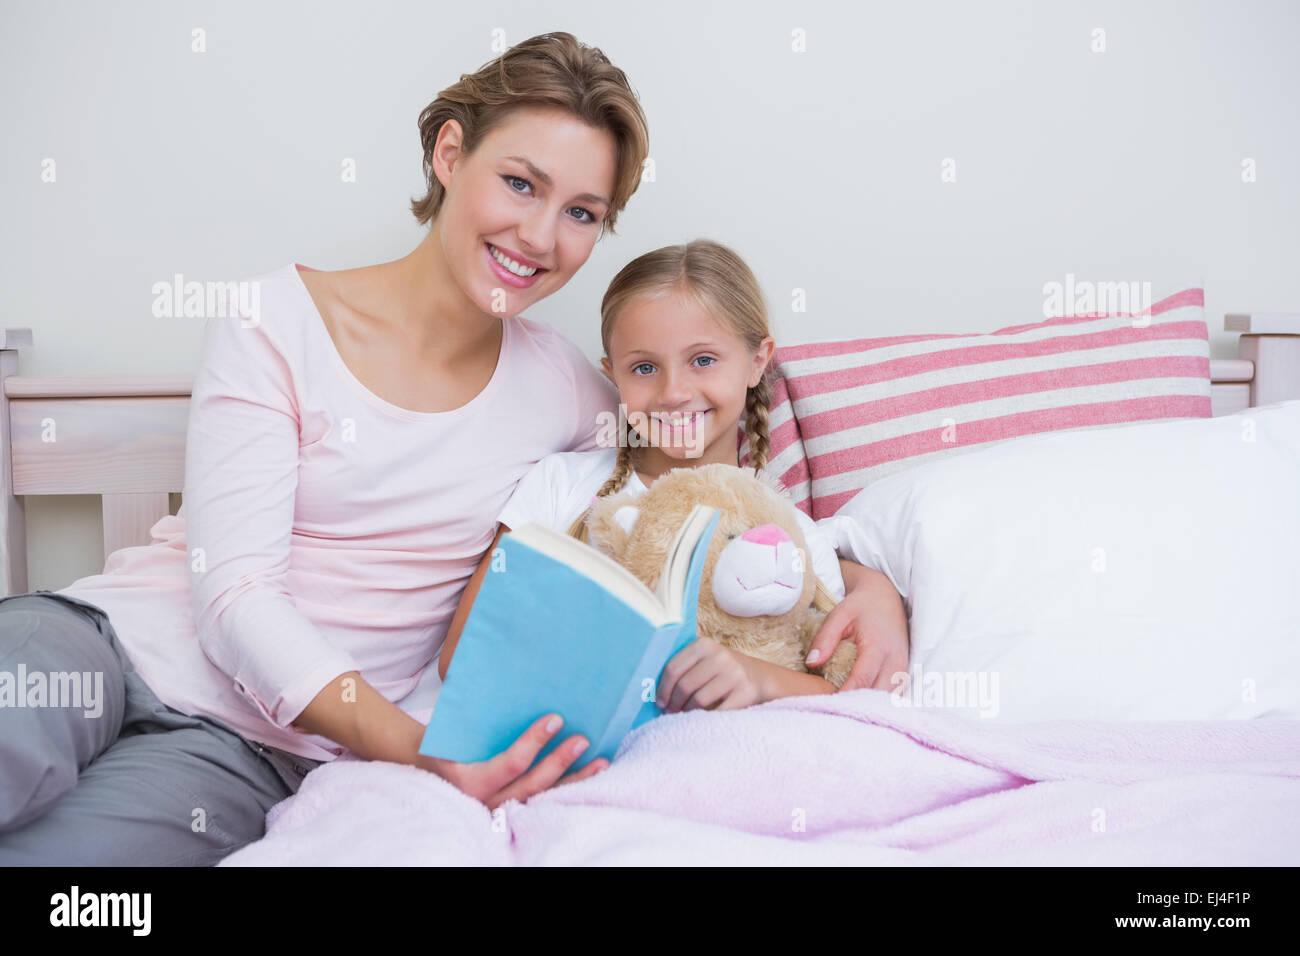 La madre con su hija a la hora de acostarse Imagen De Stock